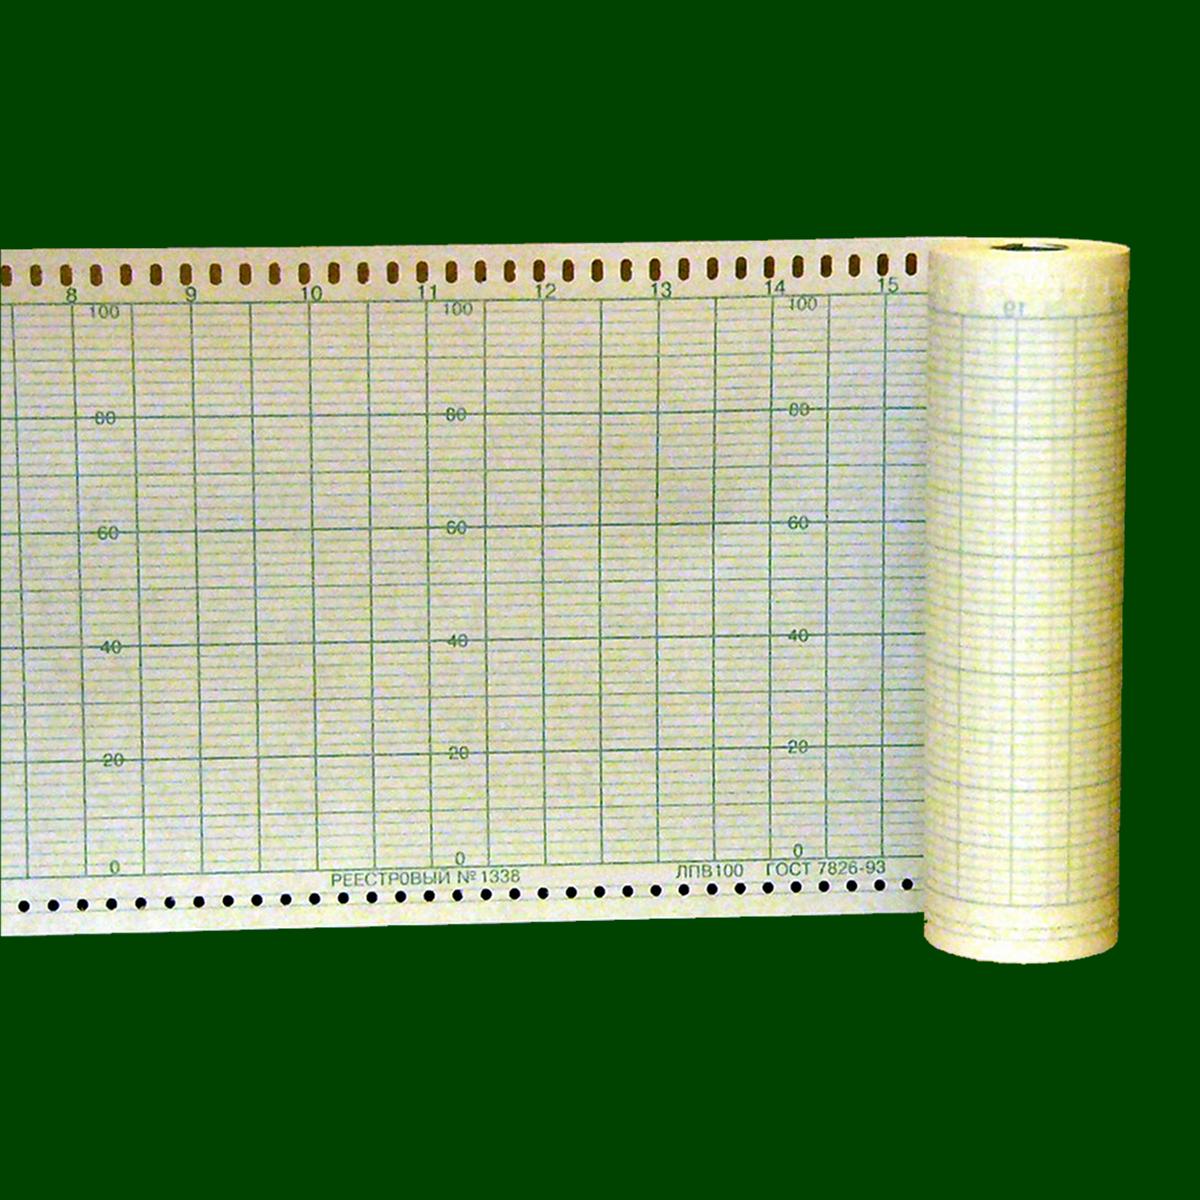 Диаграммная рулонная лента, реестровый № 1338  (42,333 руб/кв.м)